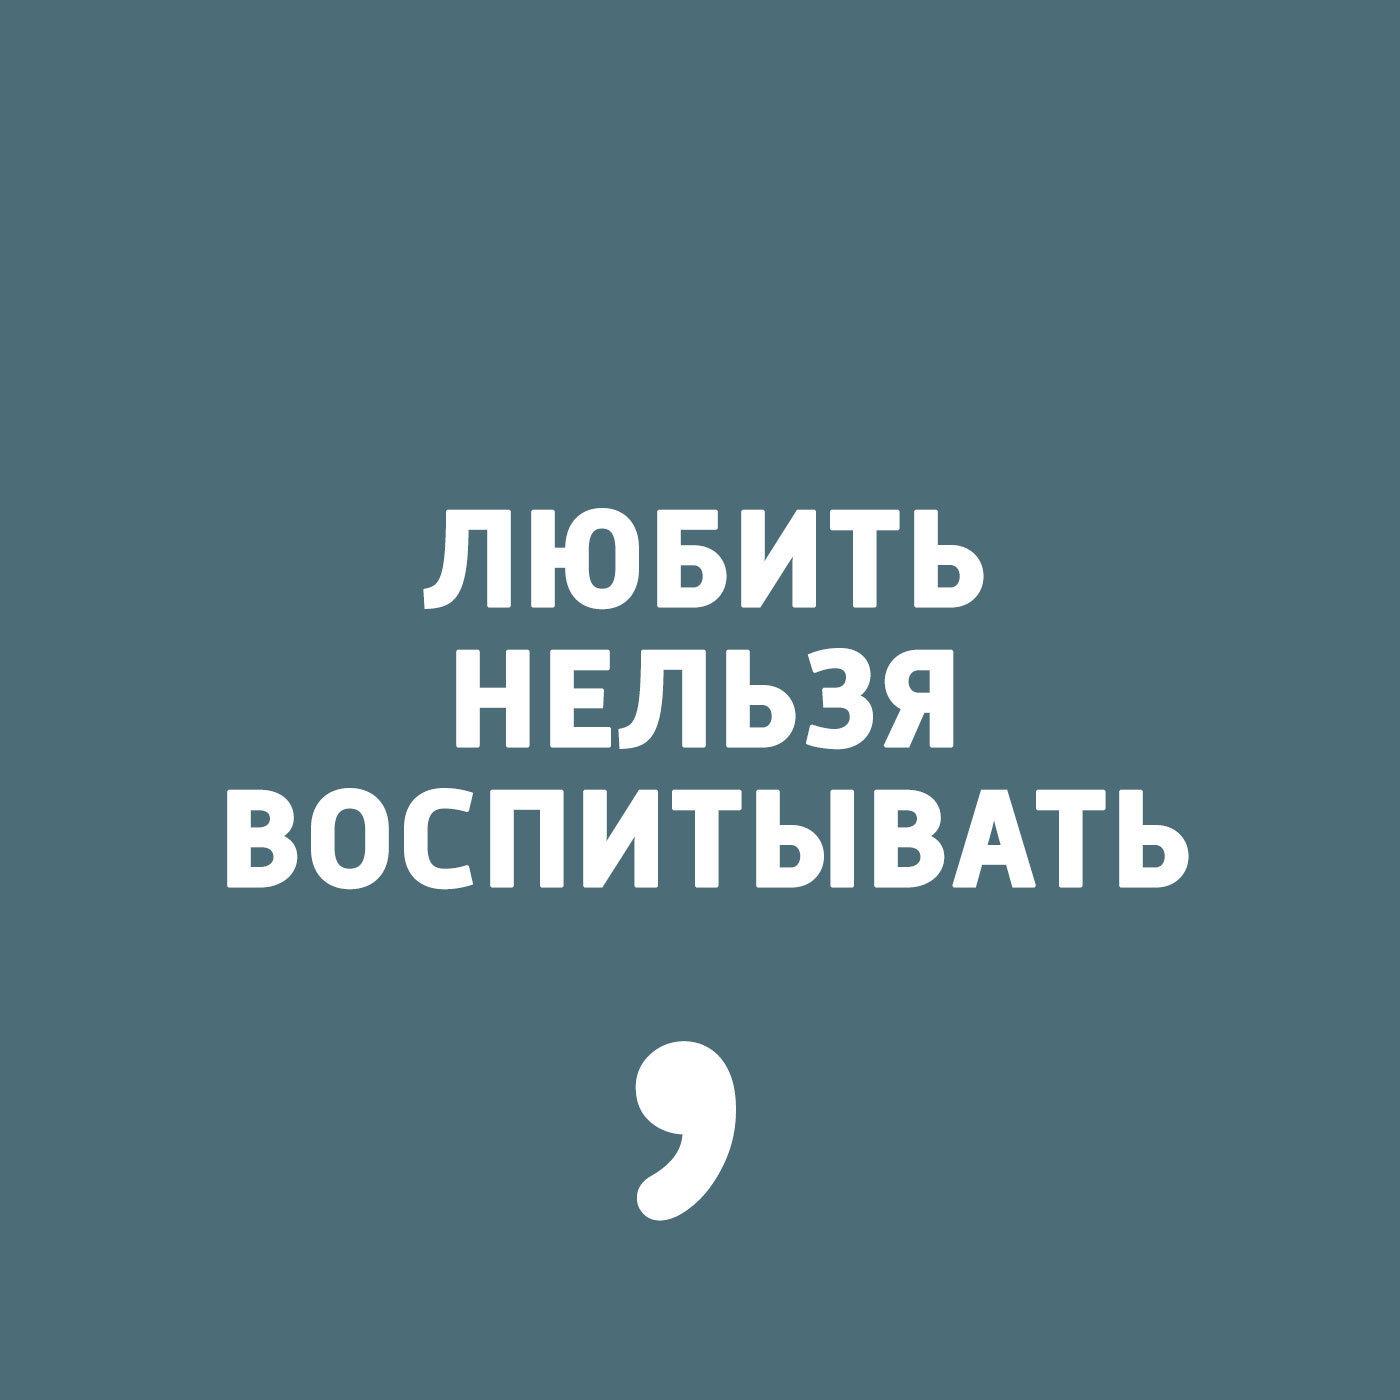 Дима Зицер Выпуск 19 дима зицер любить нельзя воспитывать